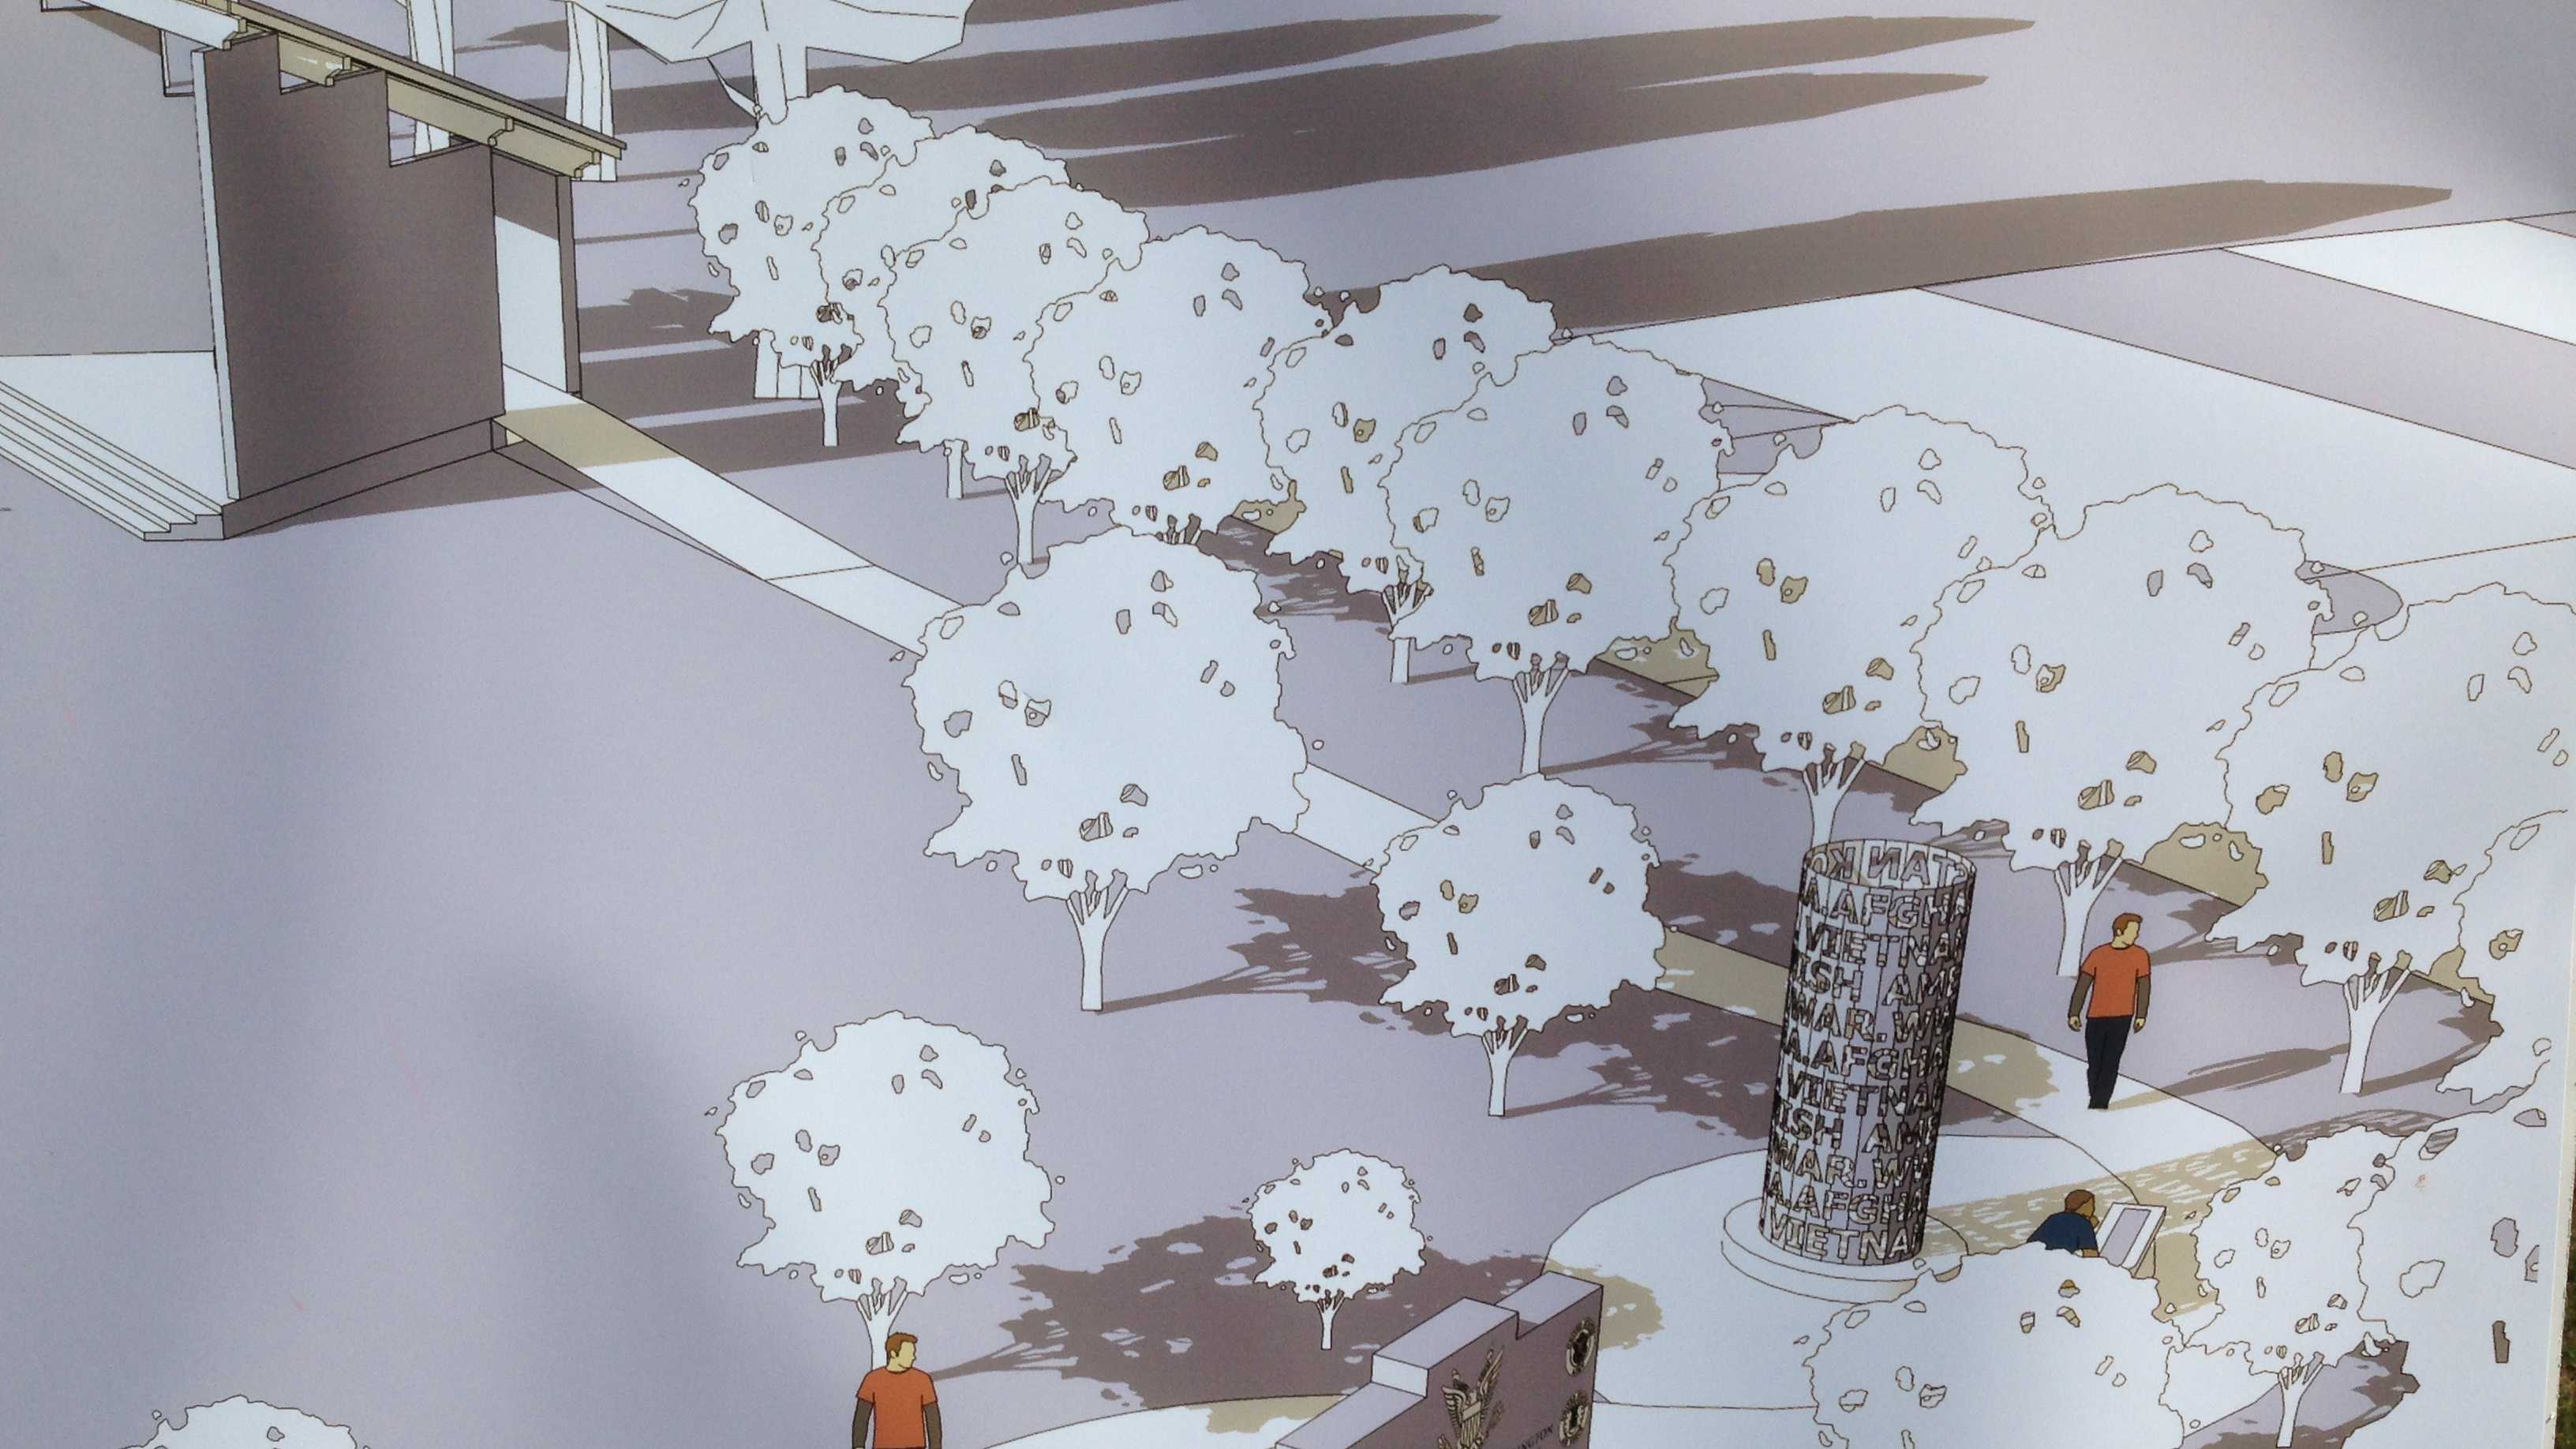 08-28 Veterans memorial under construction  - sketch - img